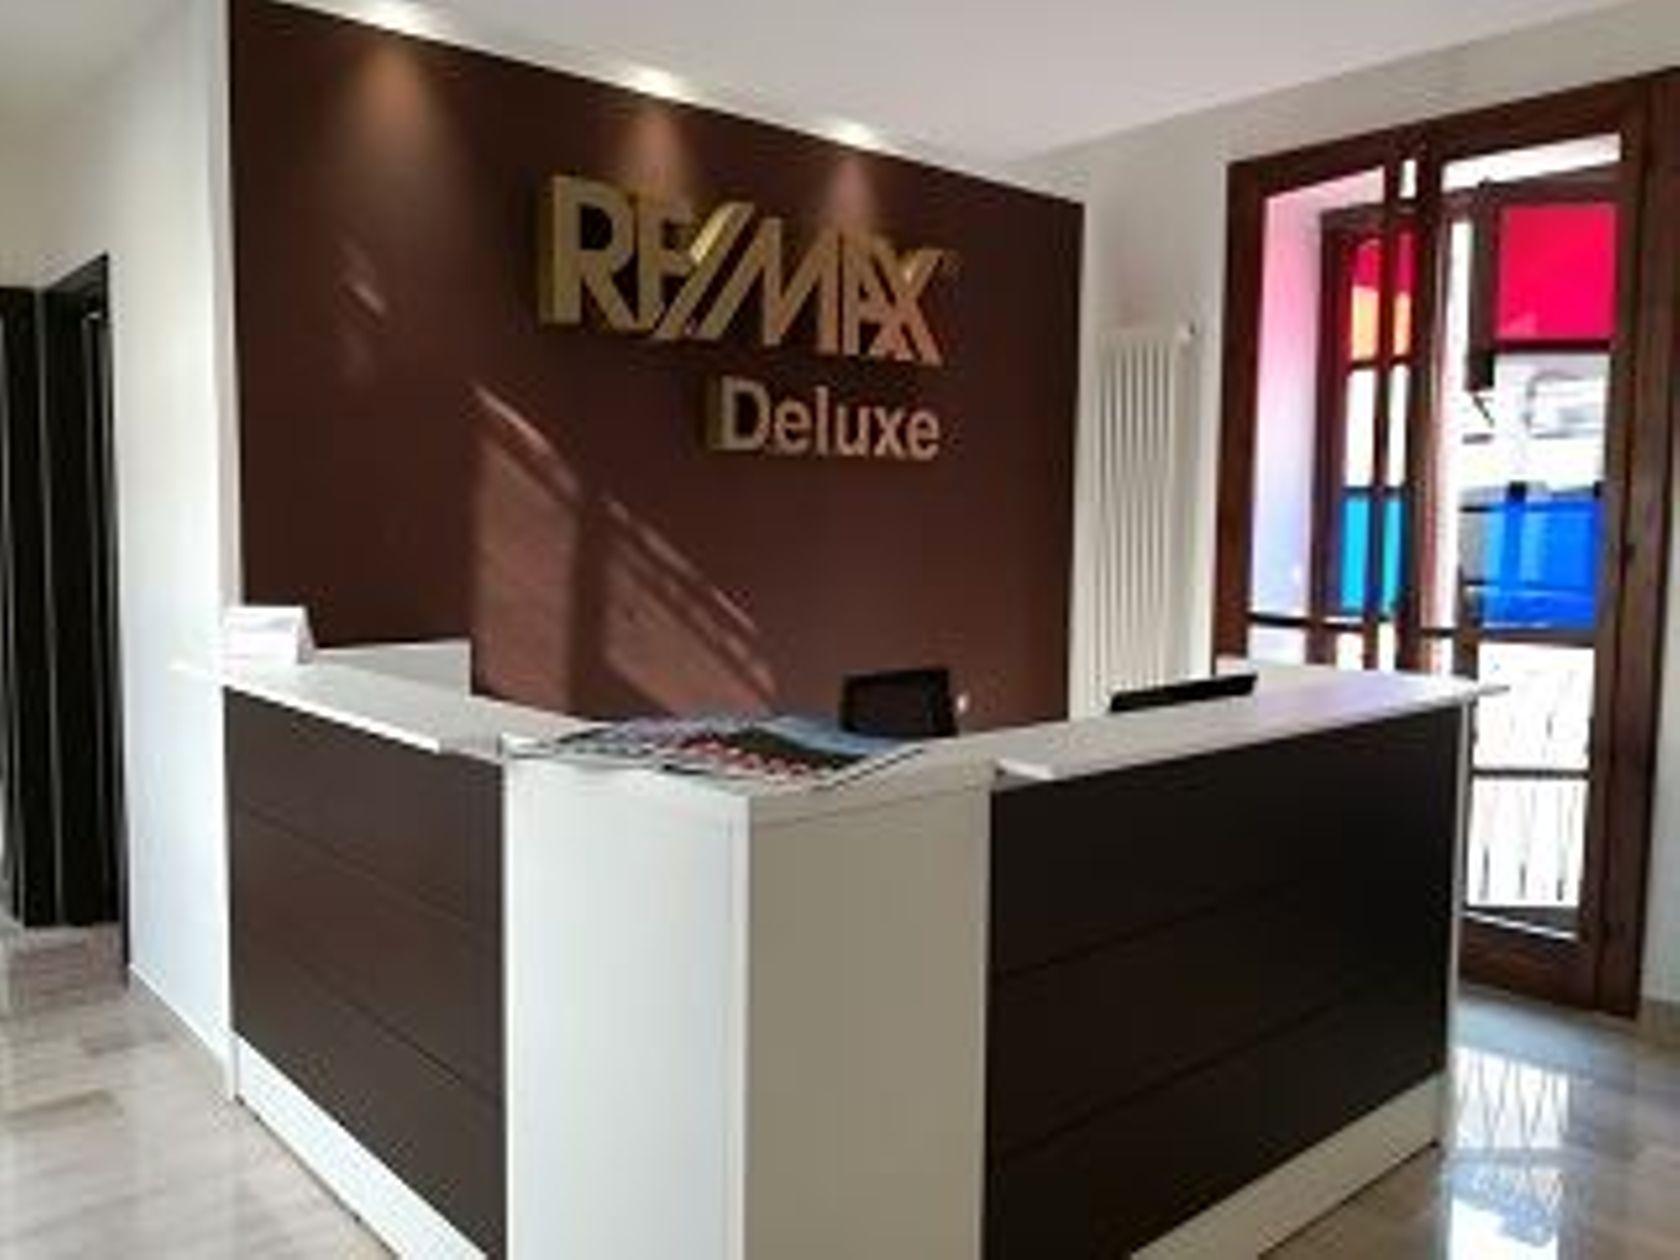 RE/MAX Deluxe Rivoli